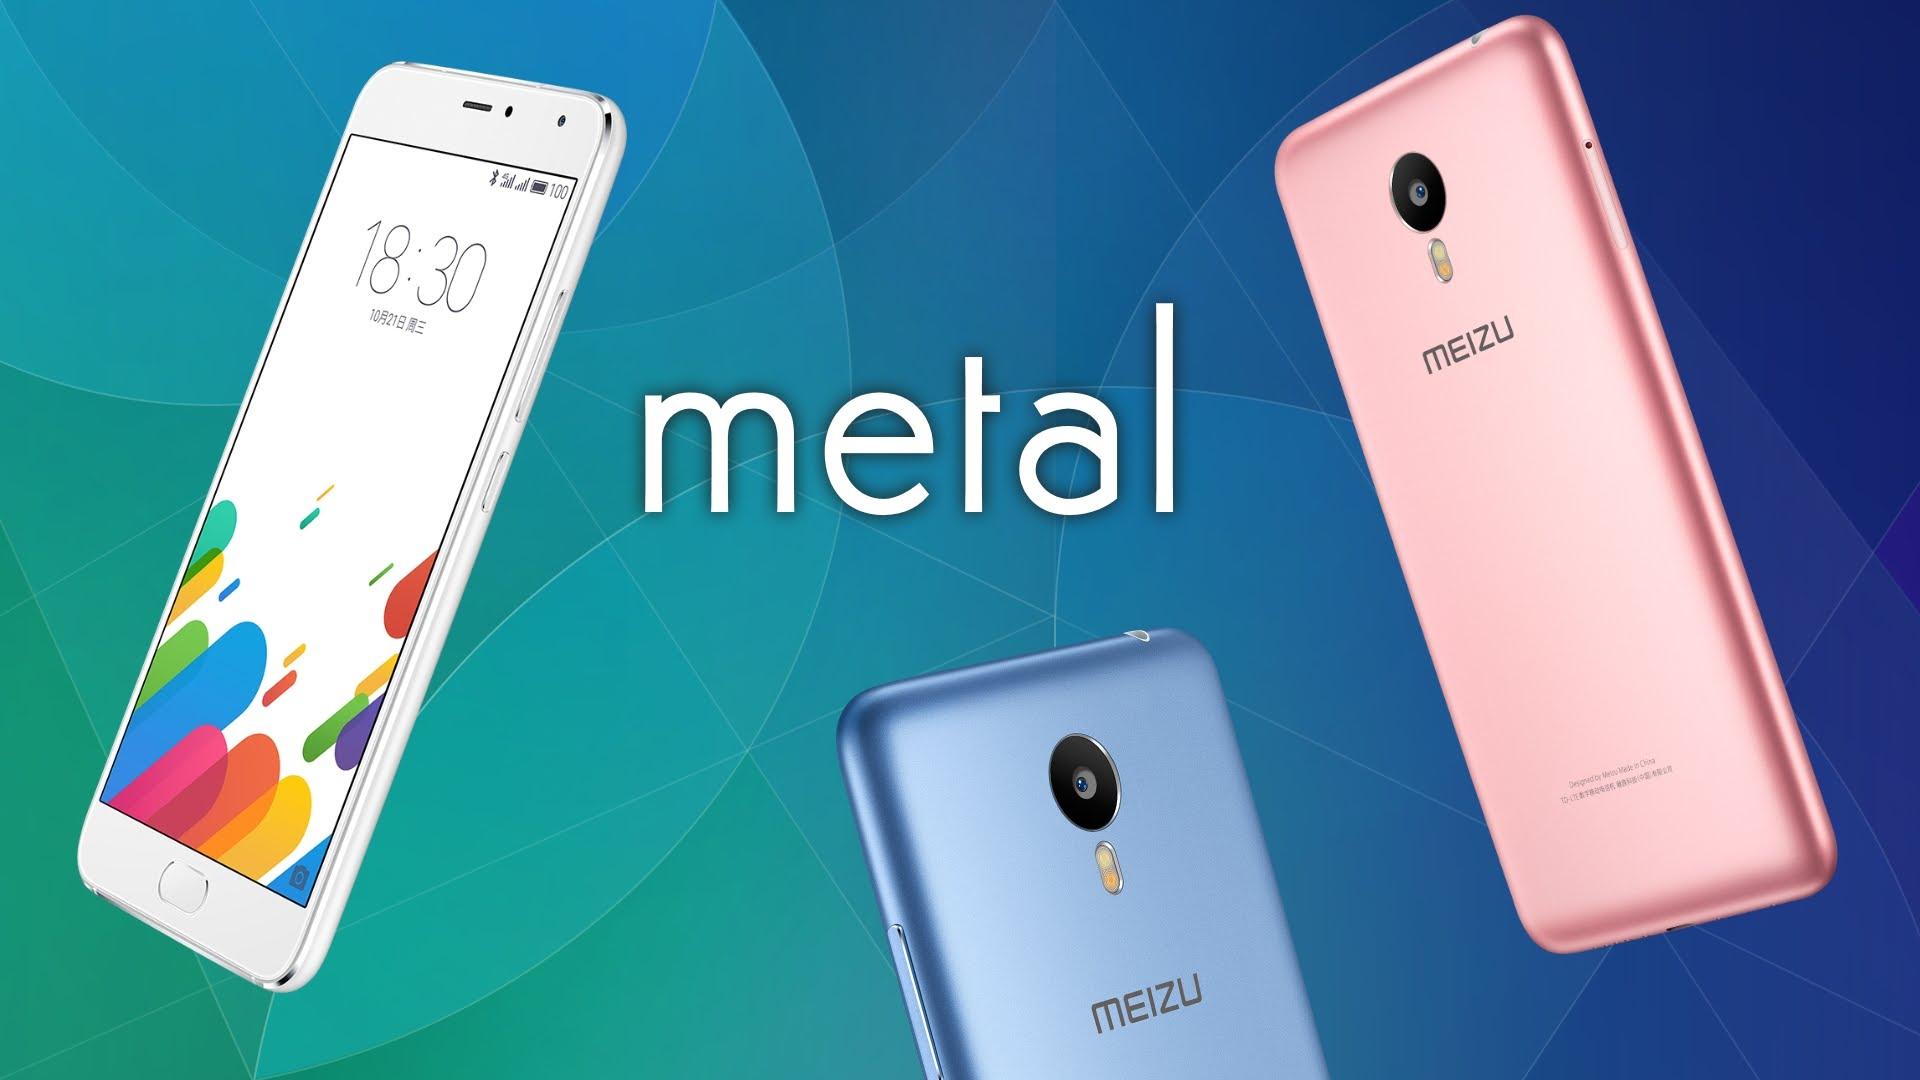 Meizu Metal - Meizu Metal ra mắt với màn hình 5,5 inch và chip Helio X10